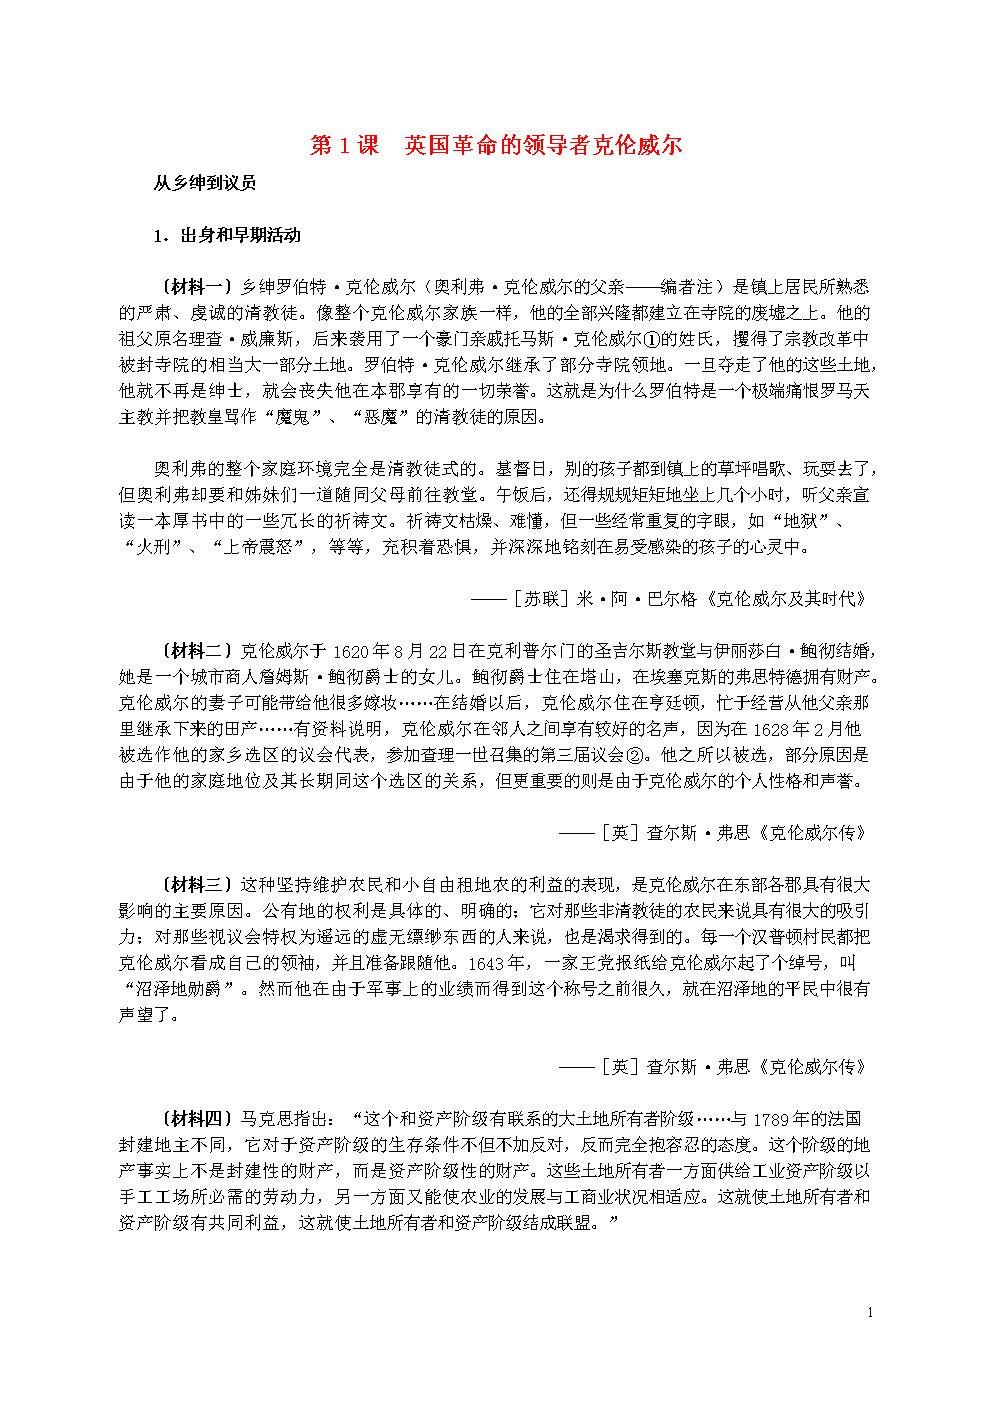 2017年浙江省杭州市历史条件第三学生第1课单招高中啥高中有单元图片